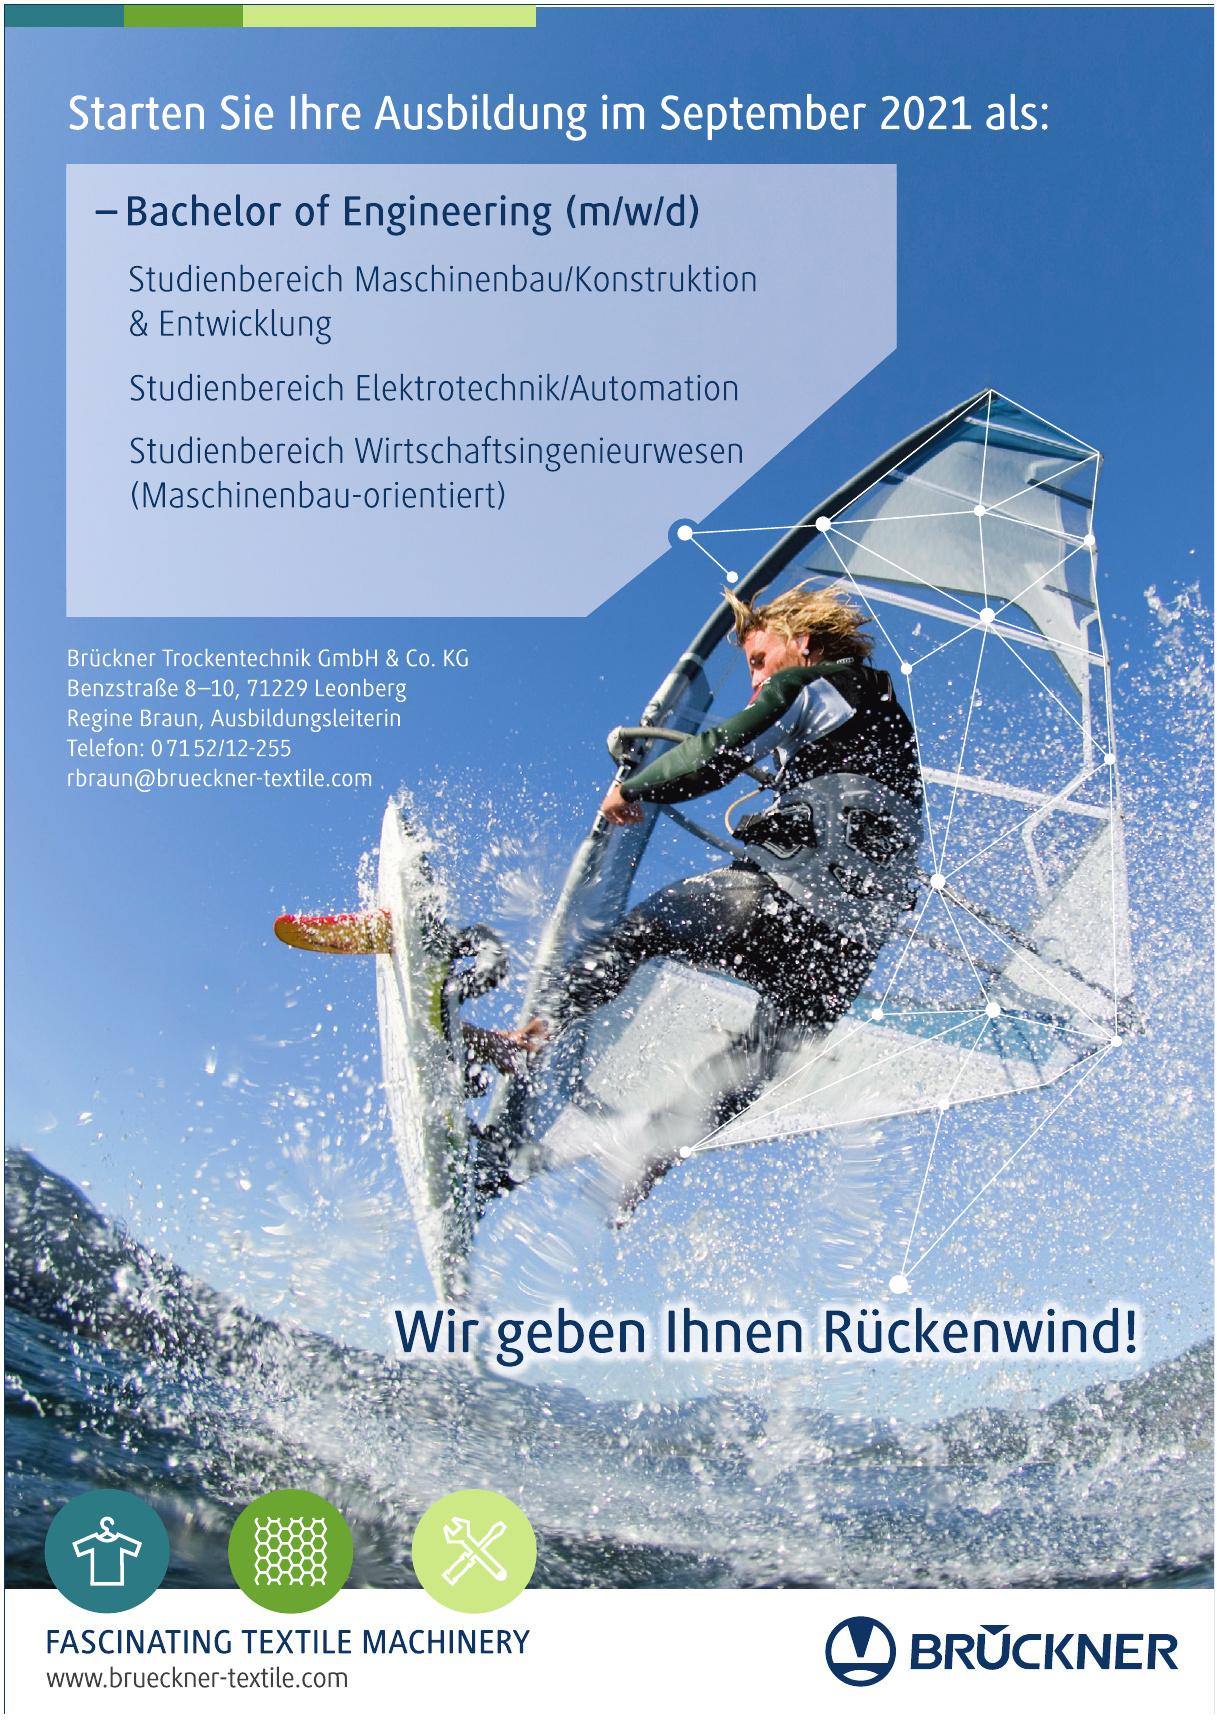 BRÜCKNER Trockentechnik GmbH & Co. KG